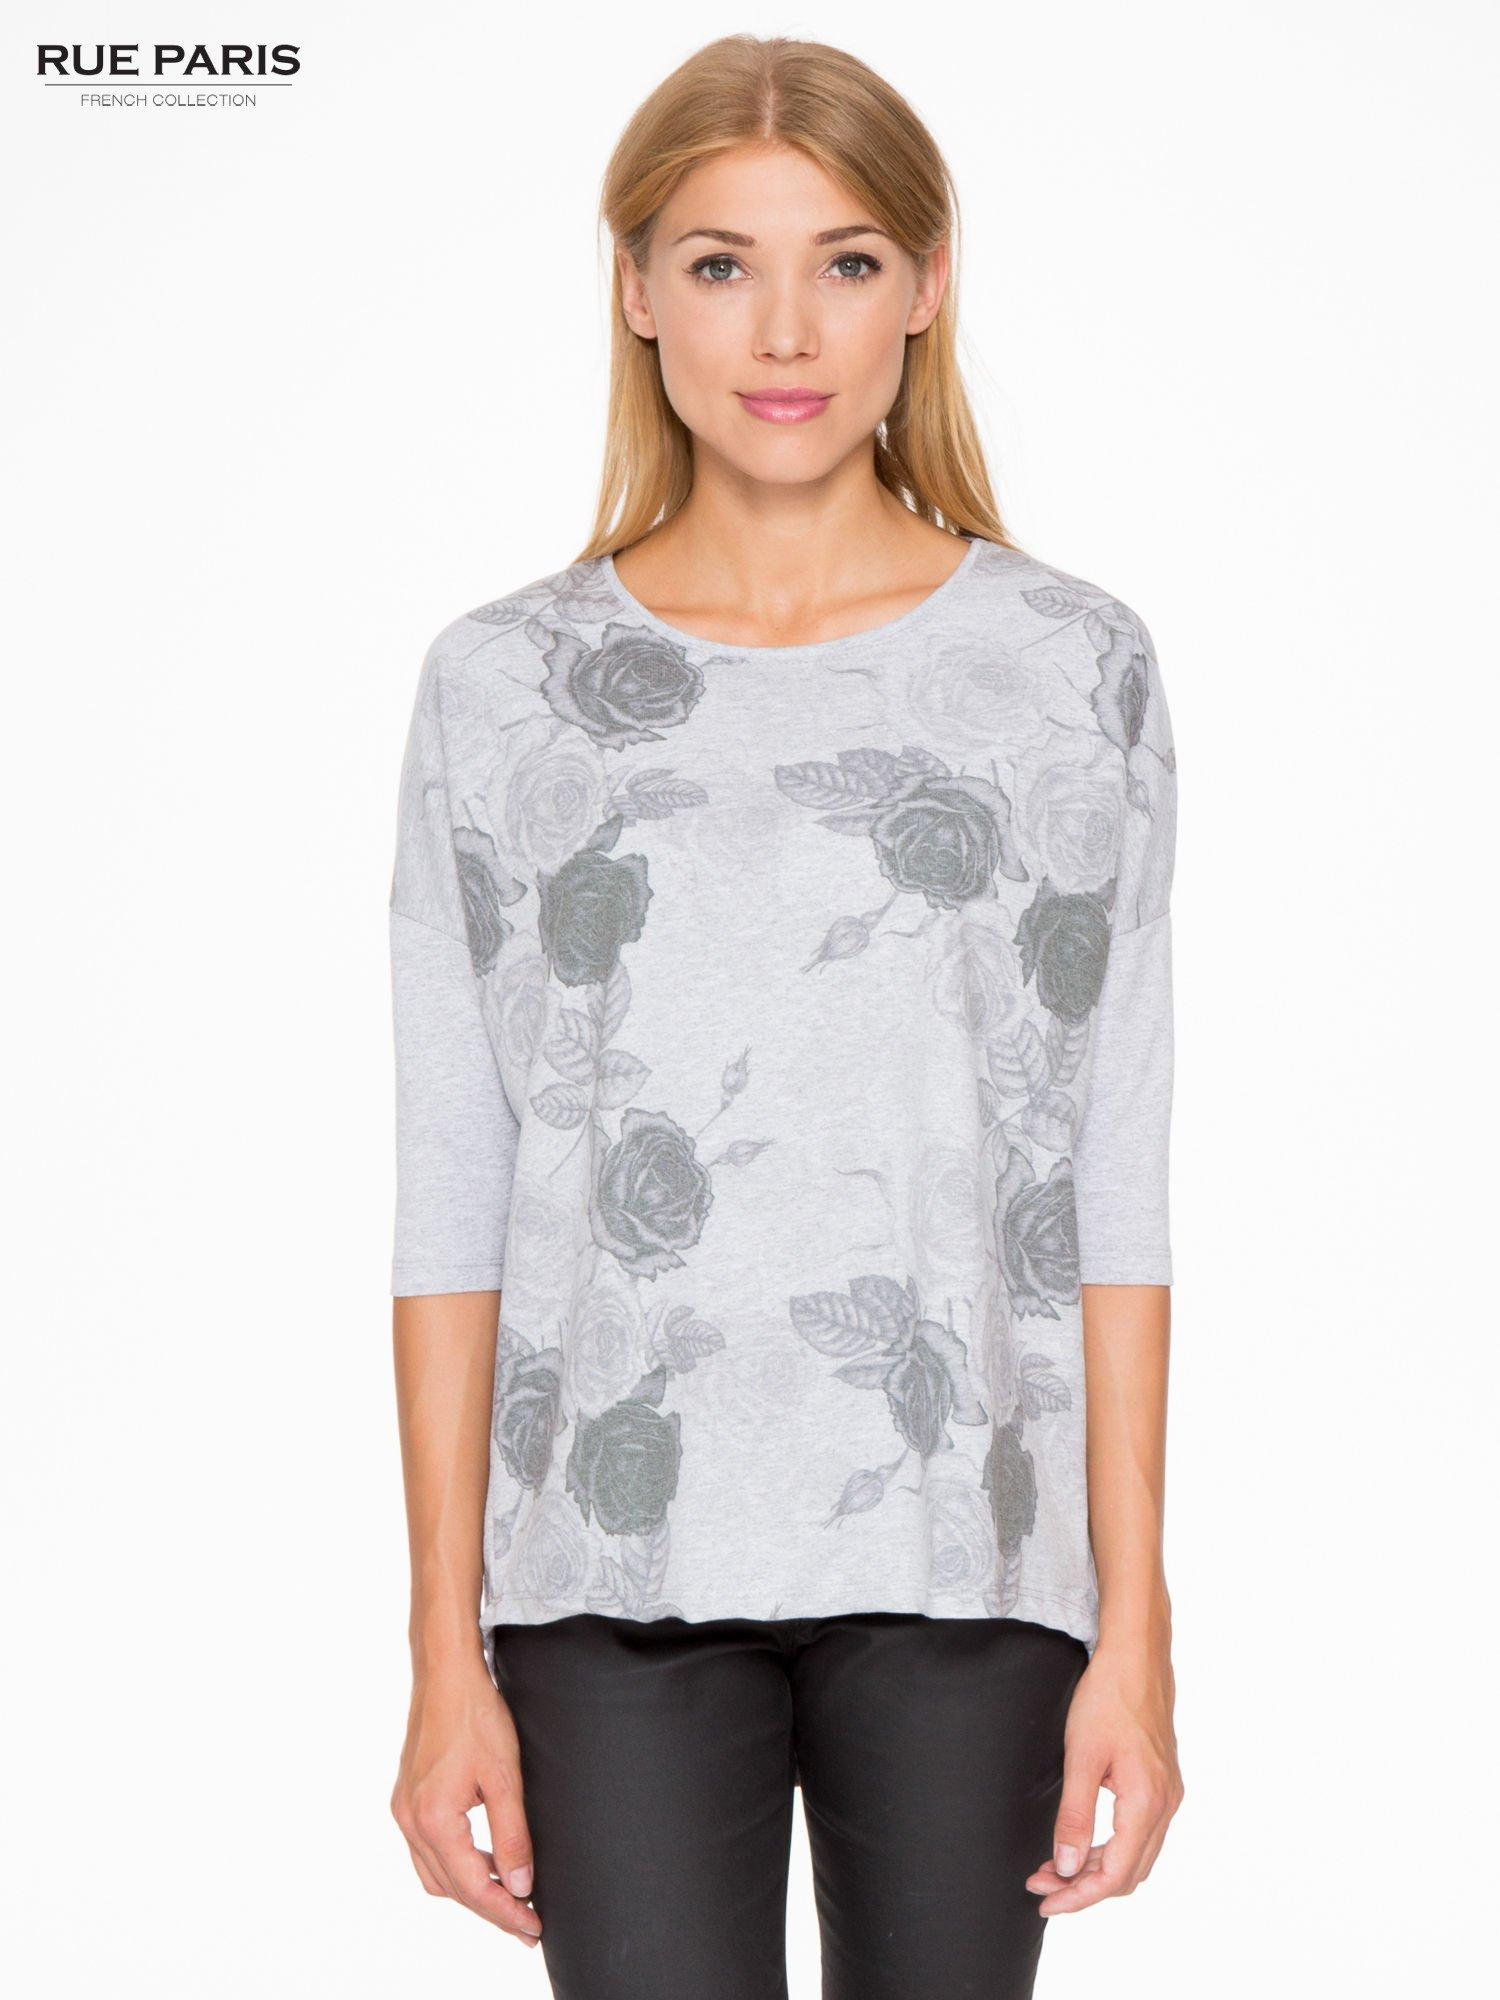 Jasnoszara bluza oversize z nadrukiem kwiatowym                                  zdj.                                  1